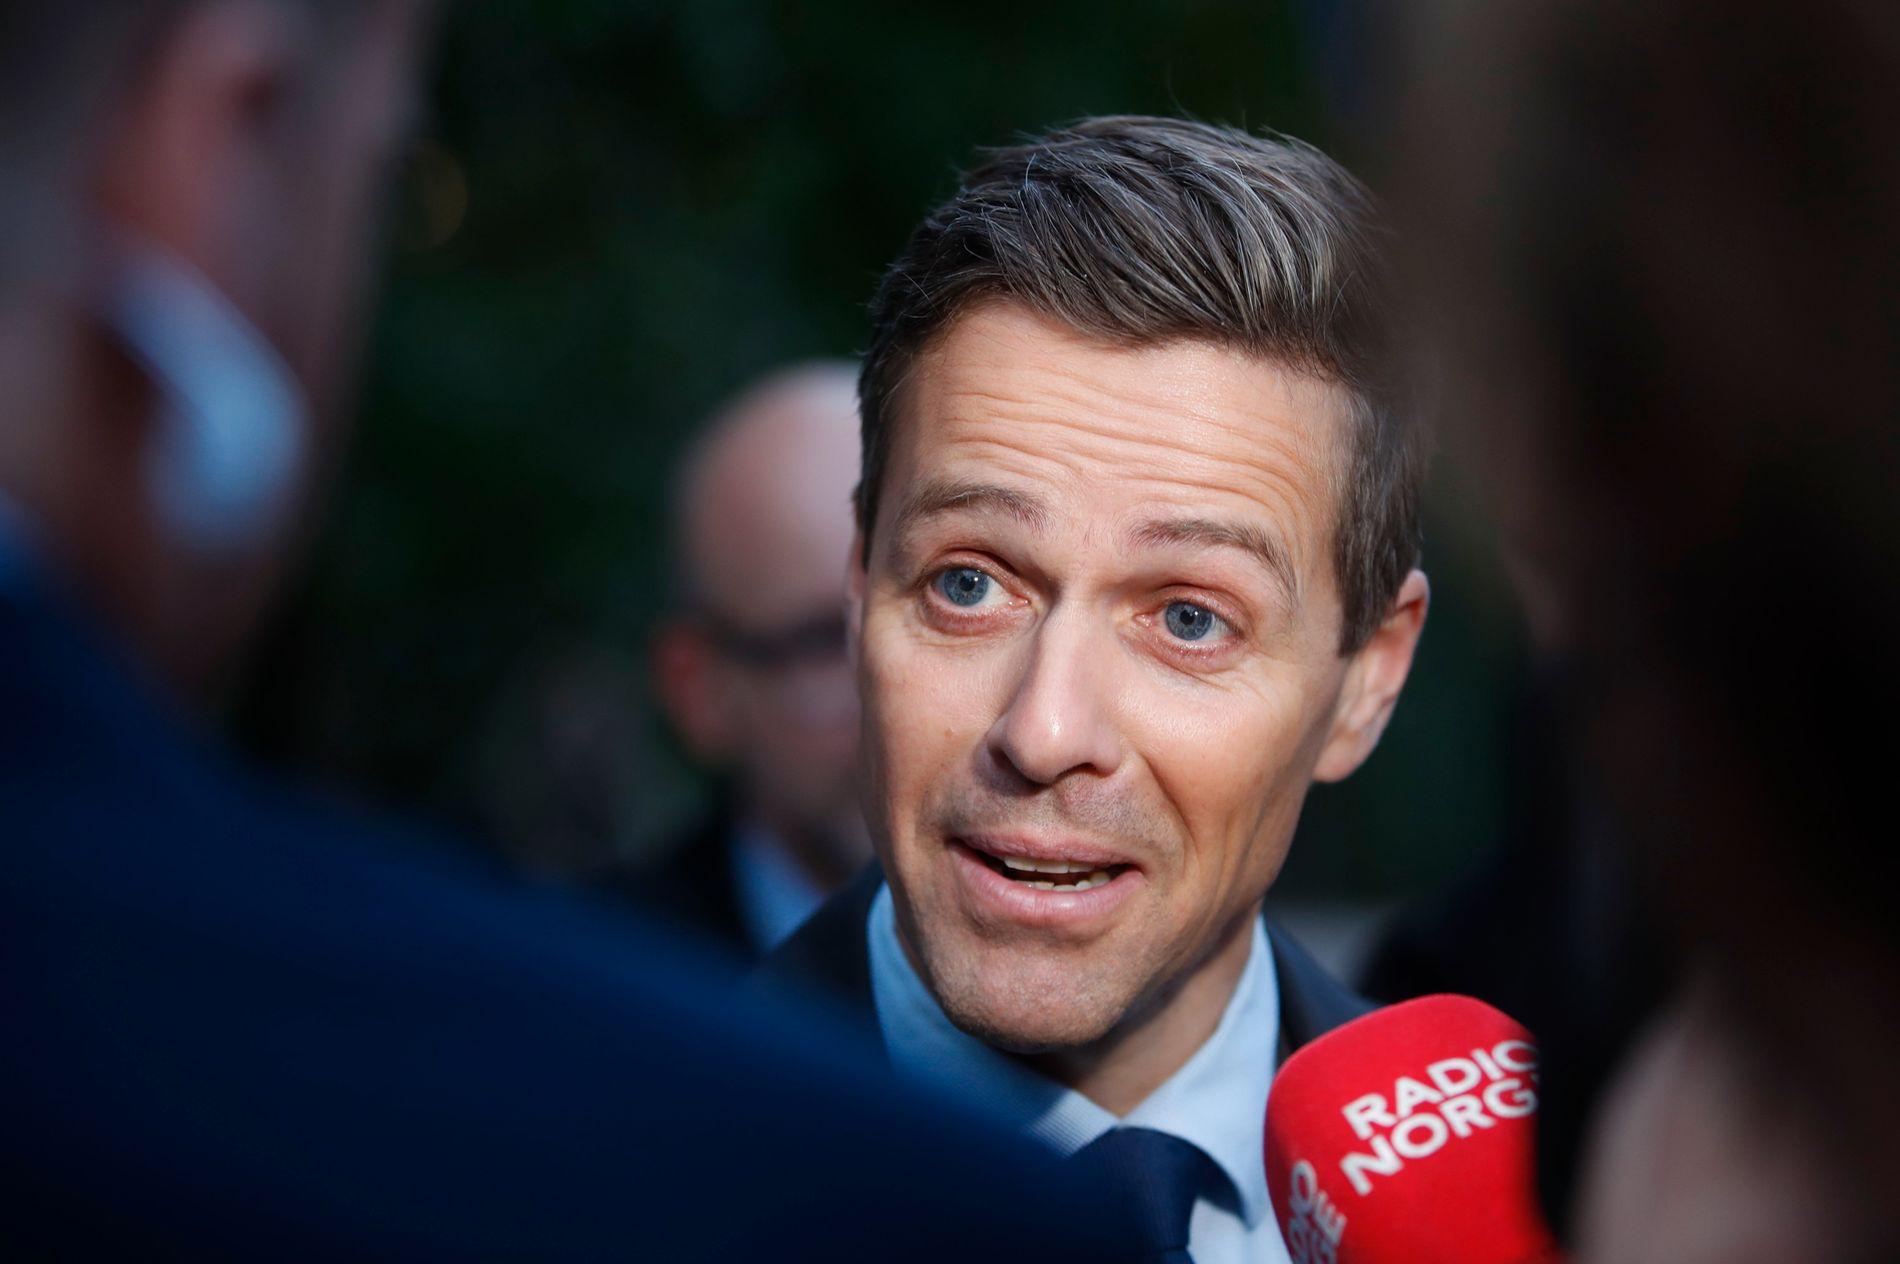 VIL IKKE ENDRE: KrF-leder Knut Arild Hareide. Her på et bilde fra september i fjor.